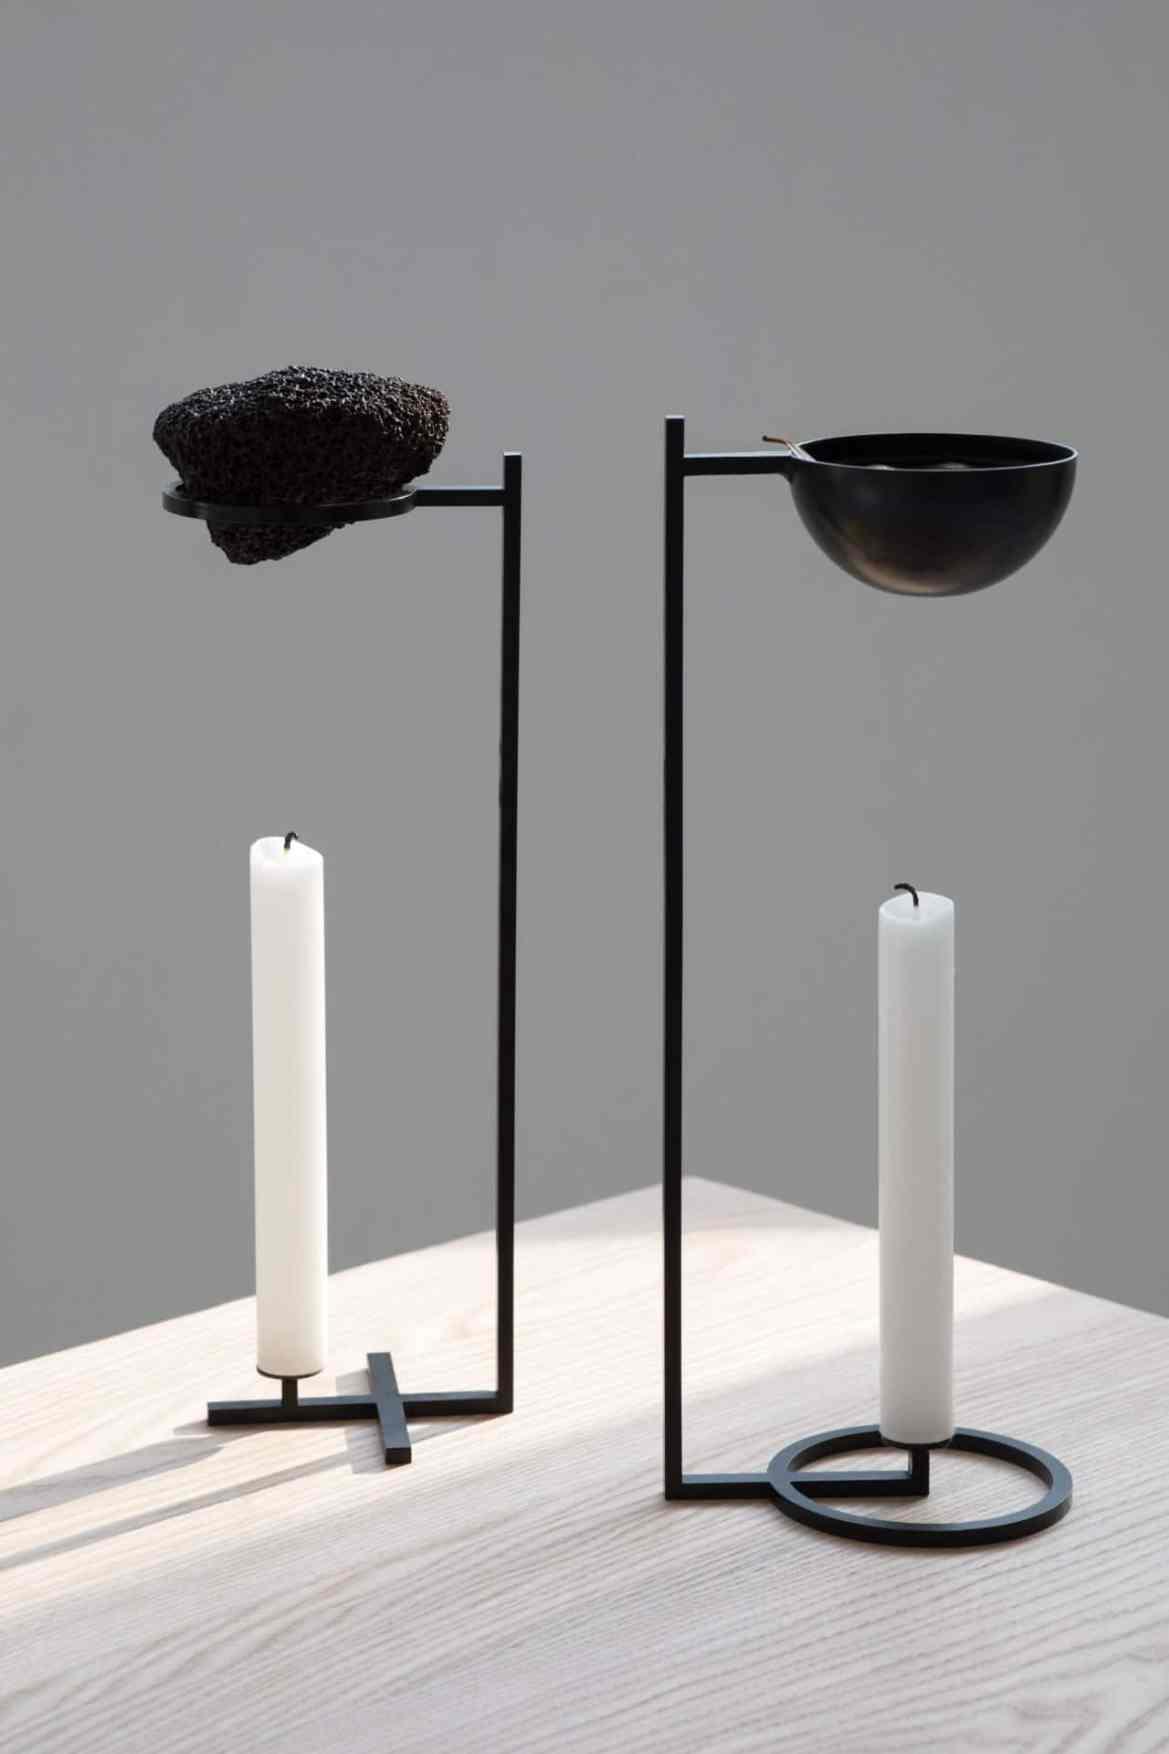 La designer suédoise Sanna Völker a imaginé l'exposition Perception, rassemblant 16 designers sur le thème du design et des sens